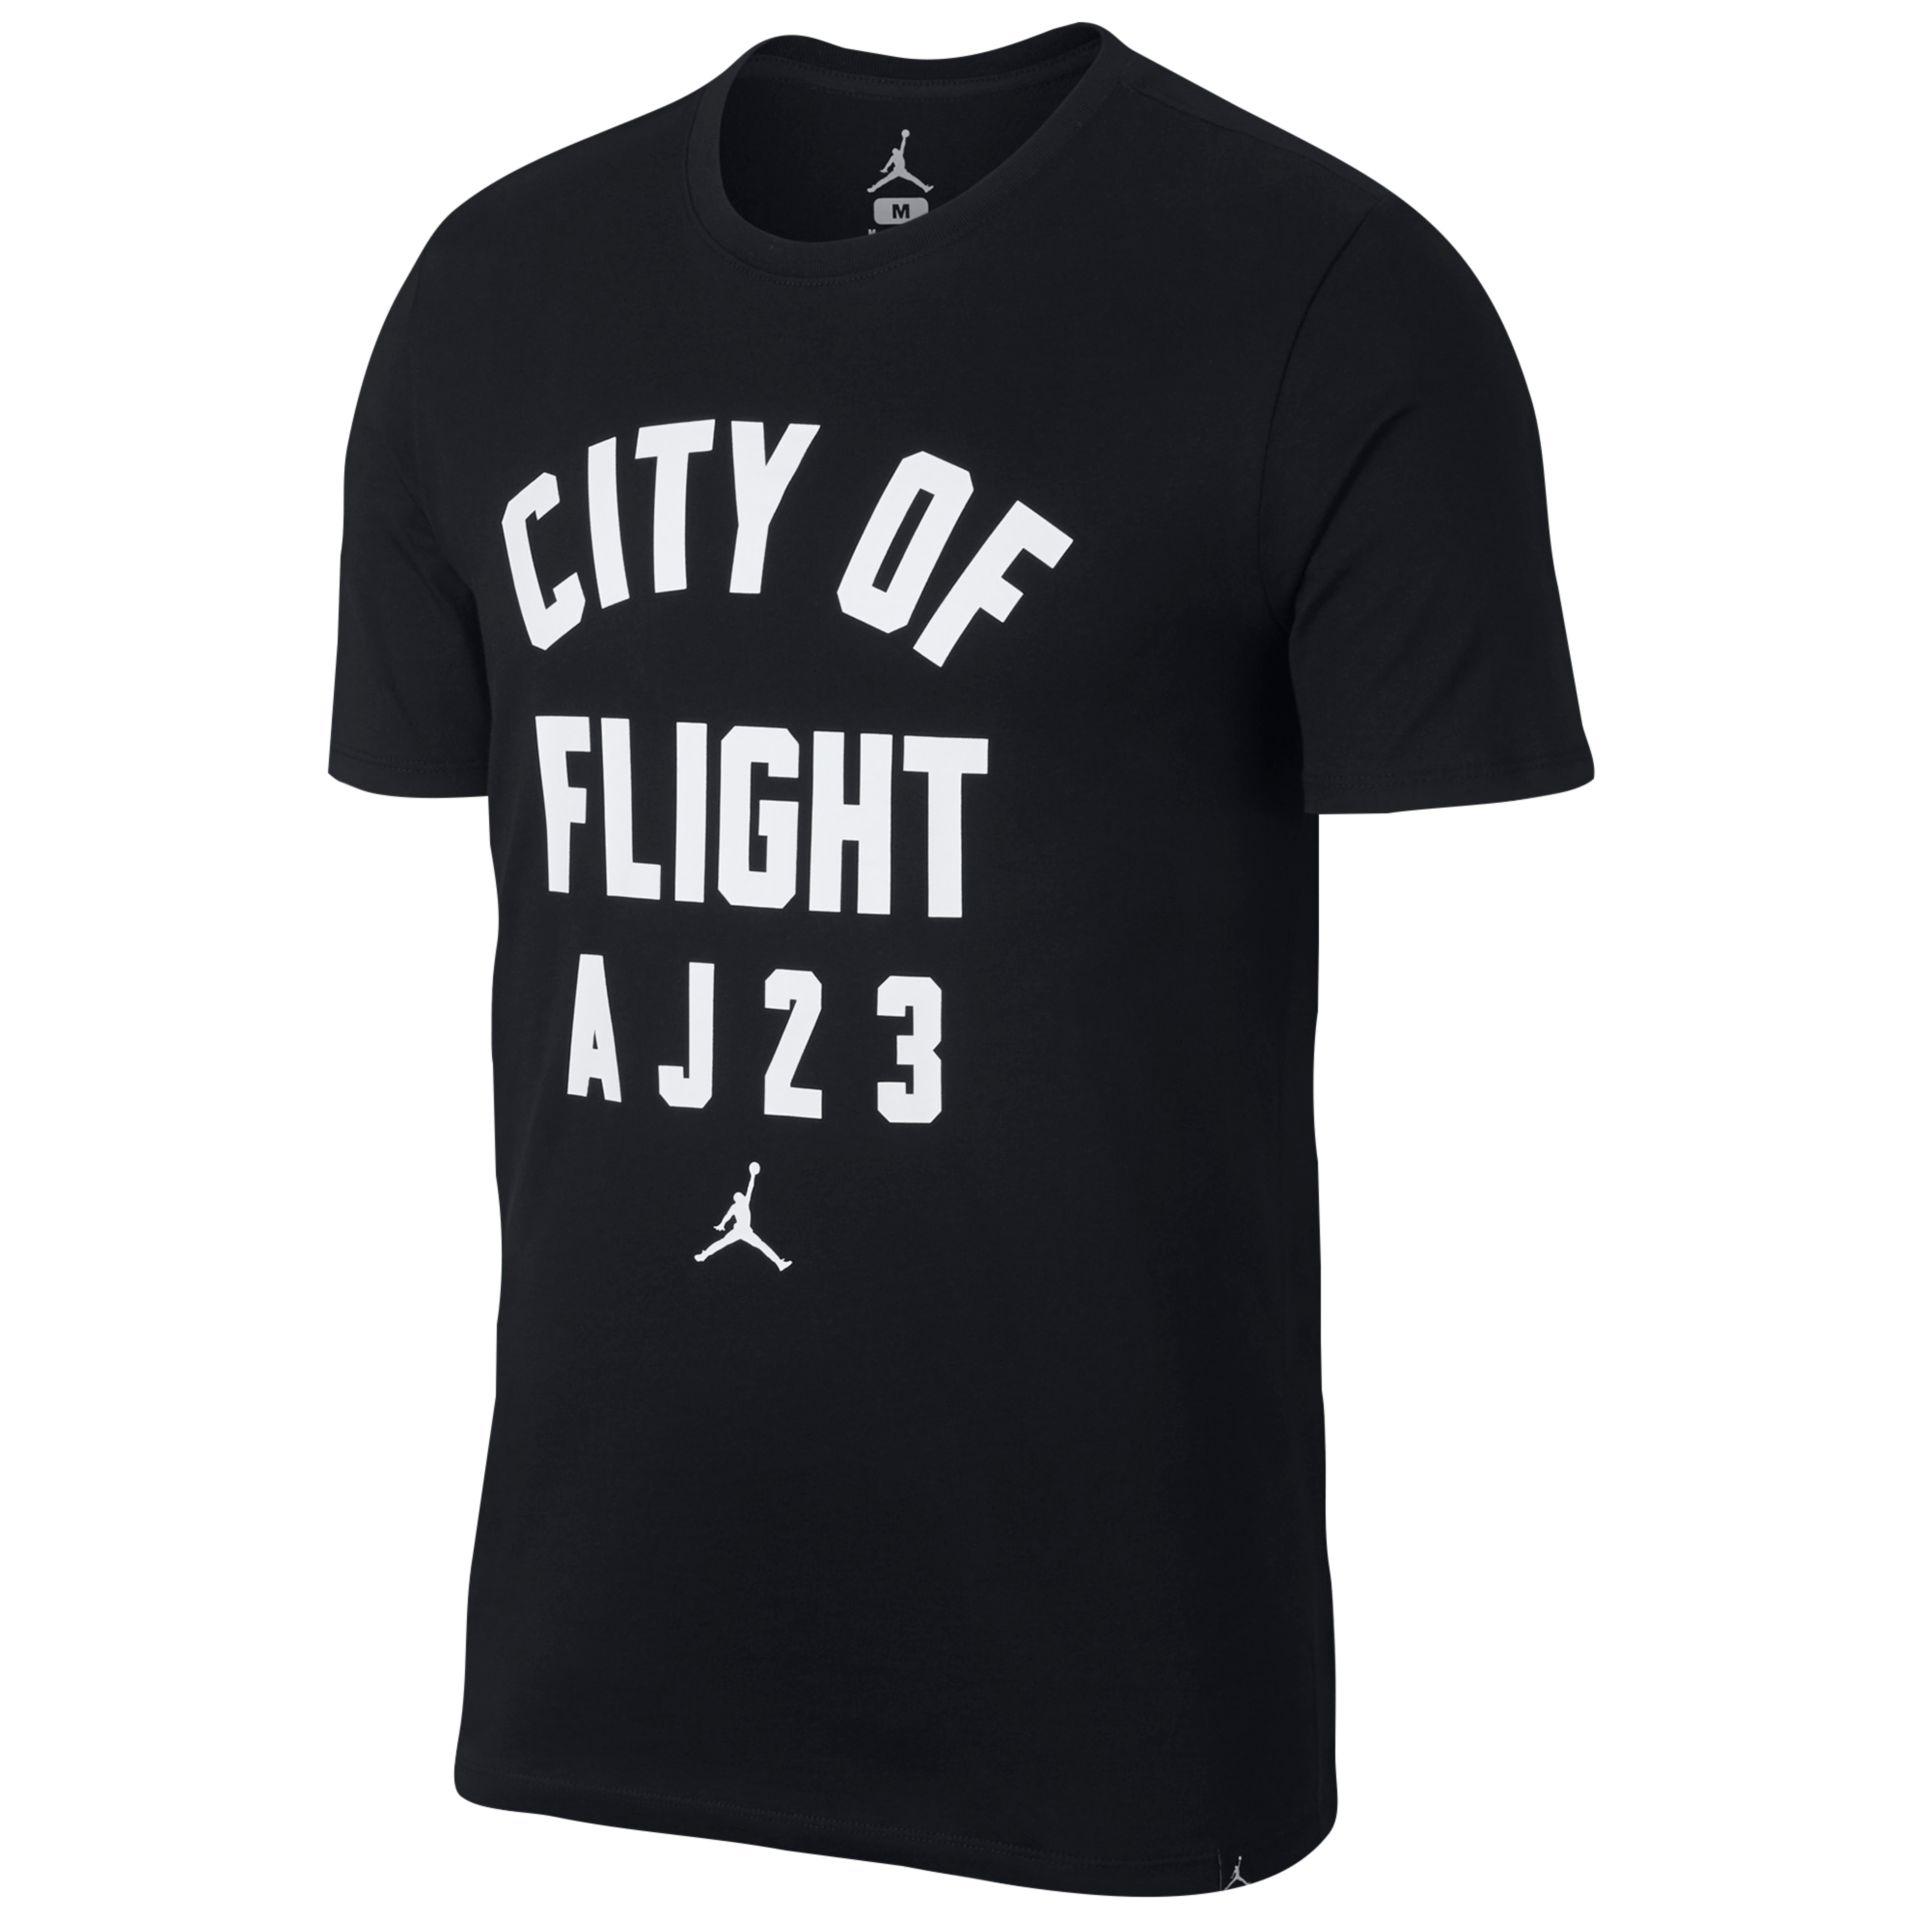 jordan-9-city-of-flight-la-all-star-shirt-black